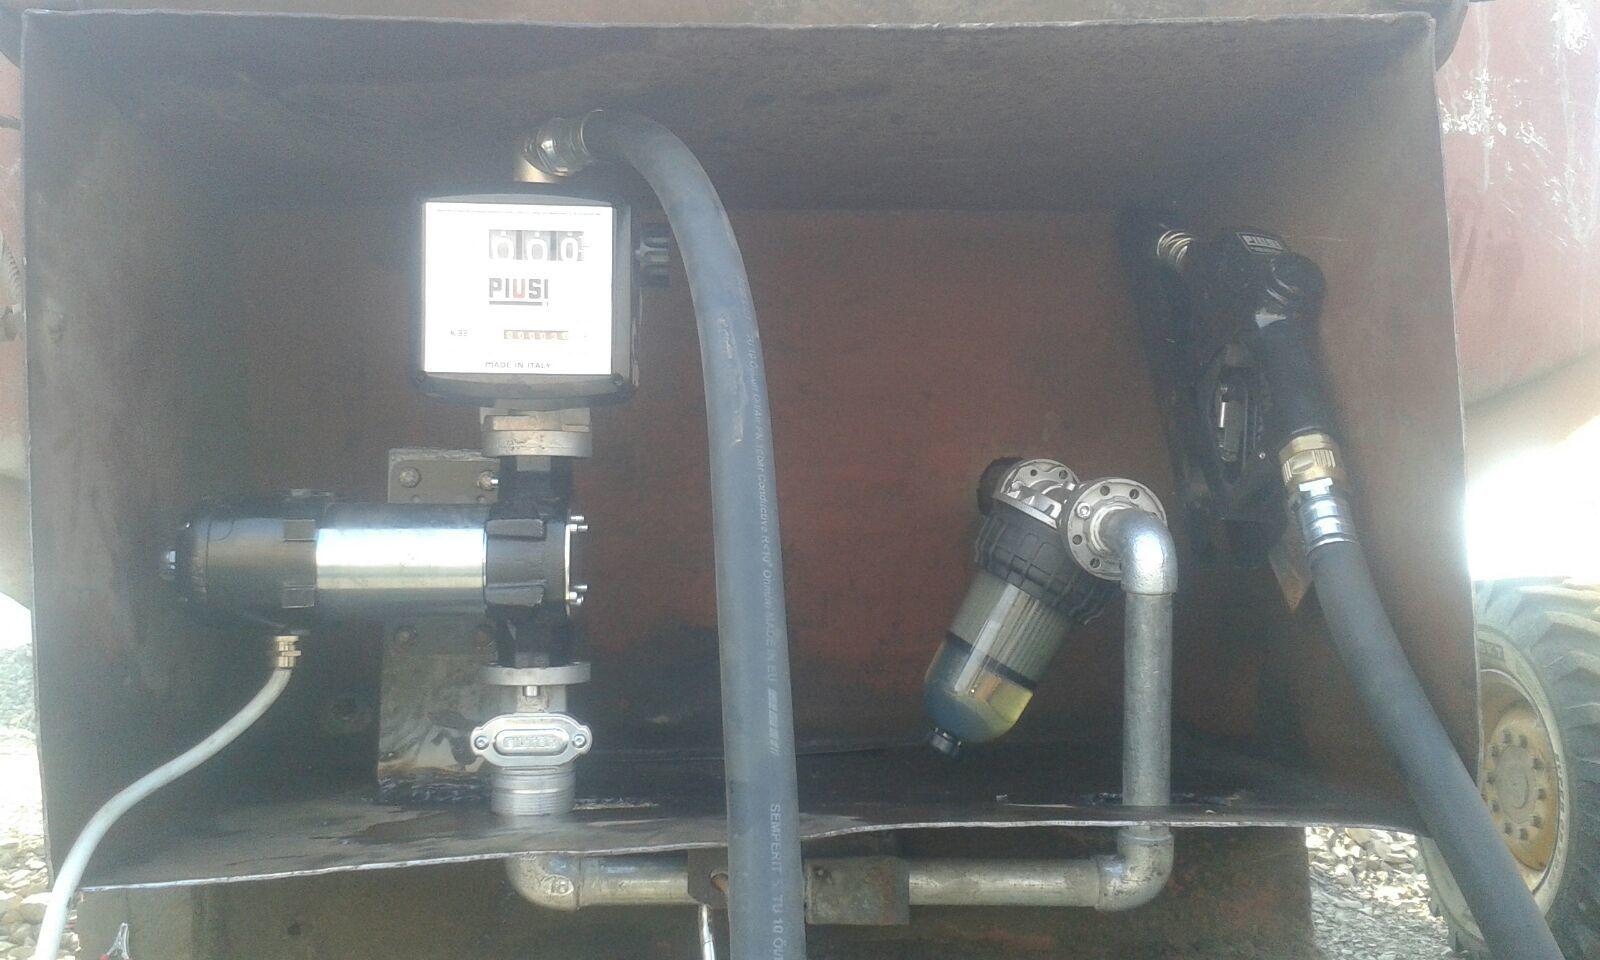 Piusi Bi-pump with Flow Meter